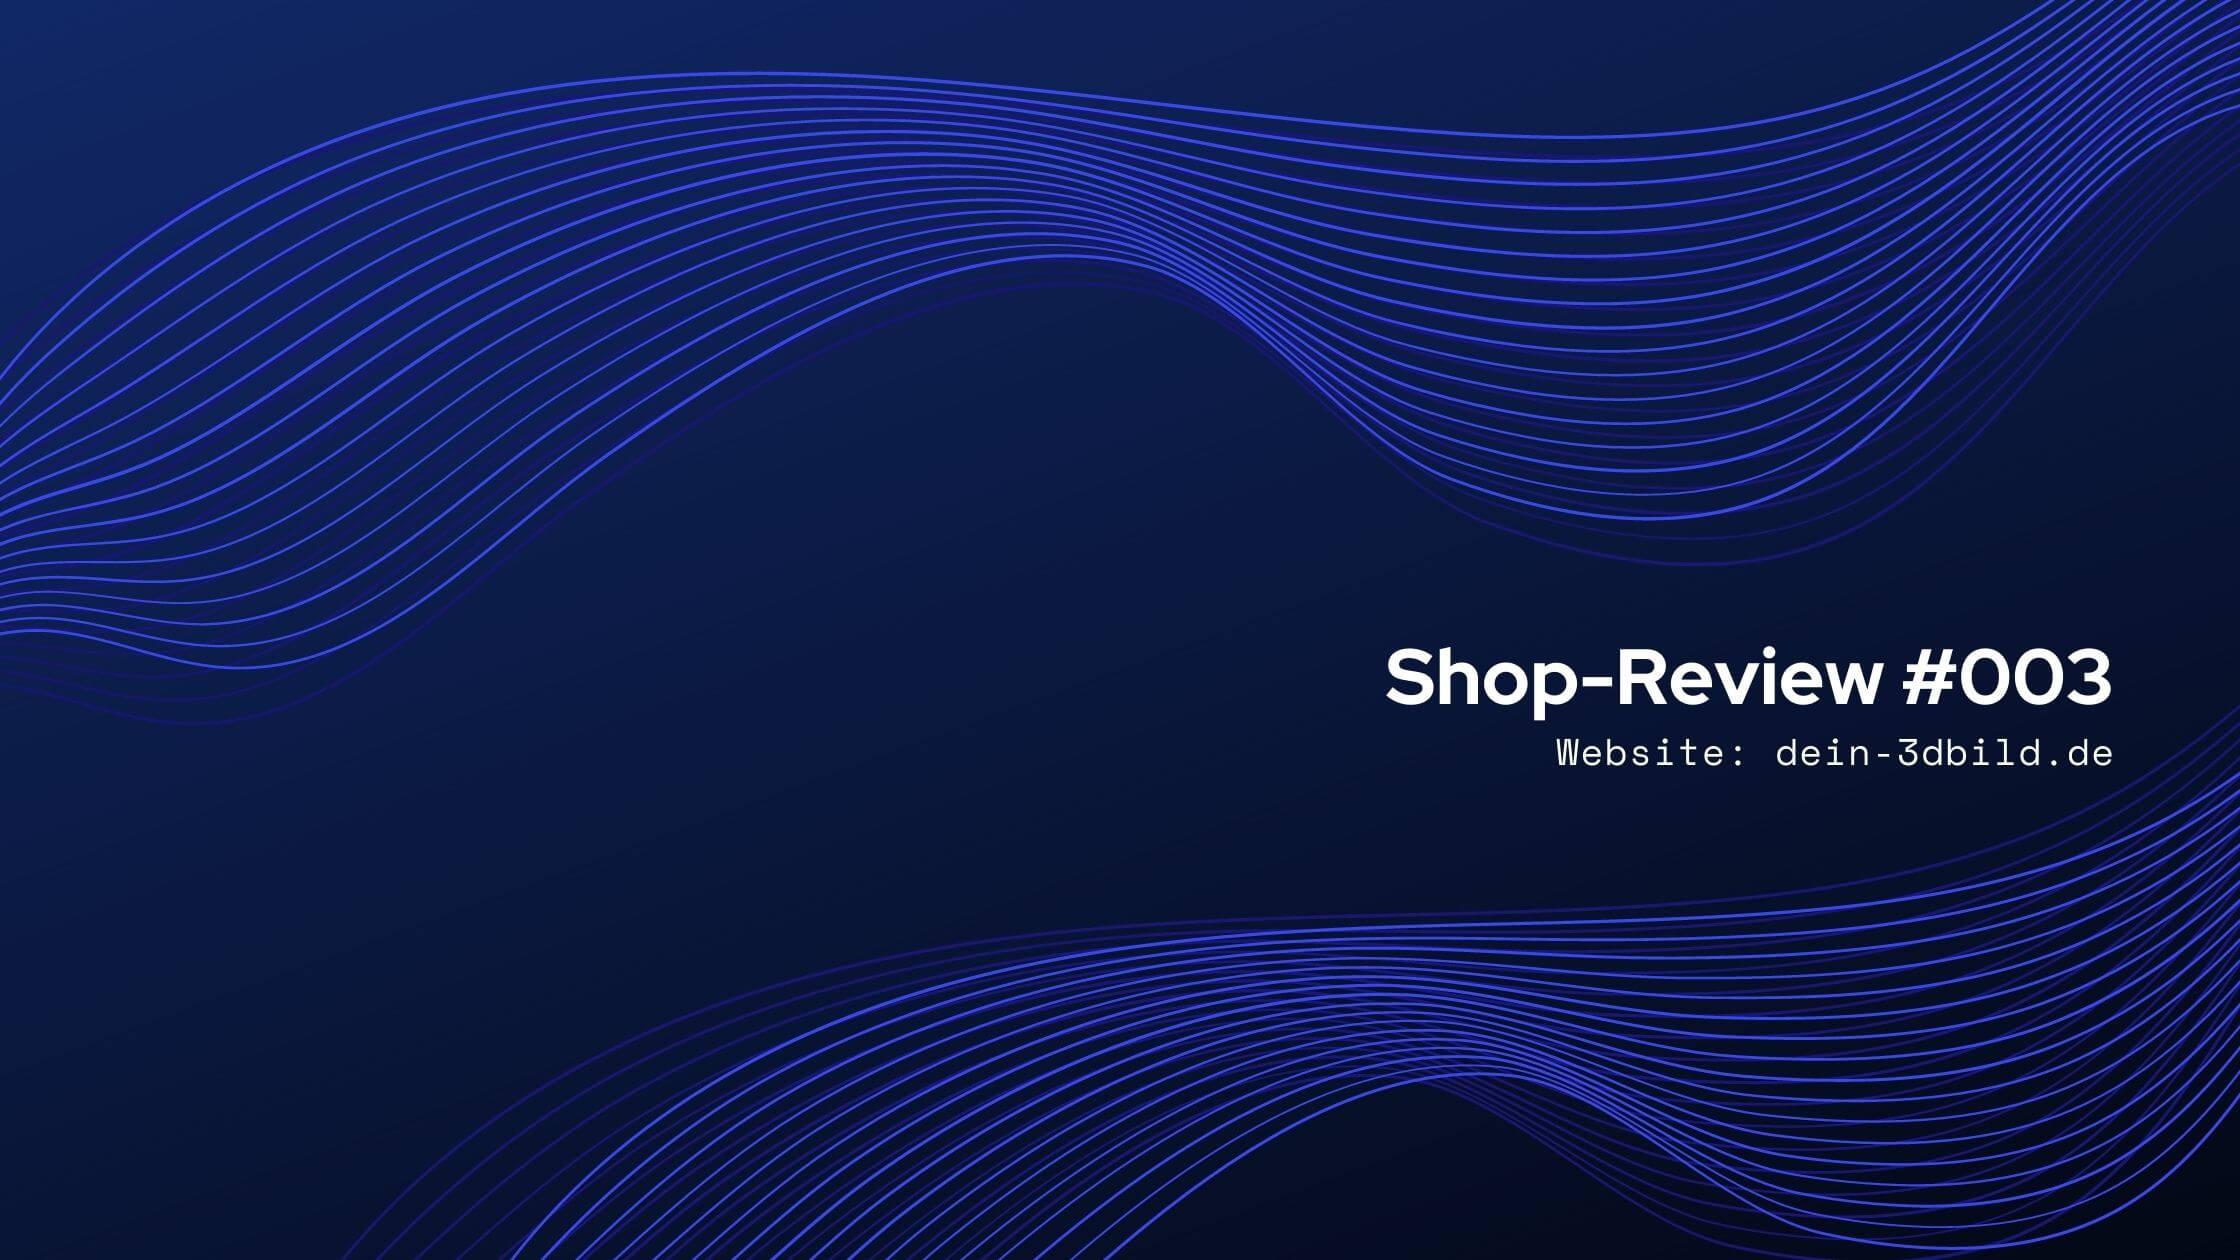 Shop-Review: dein-3dbild.de